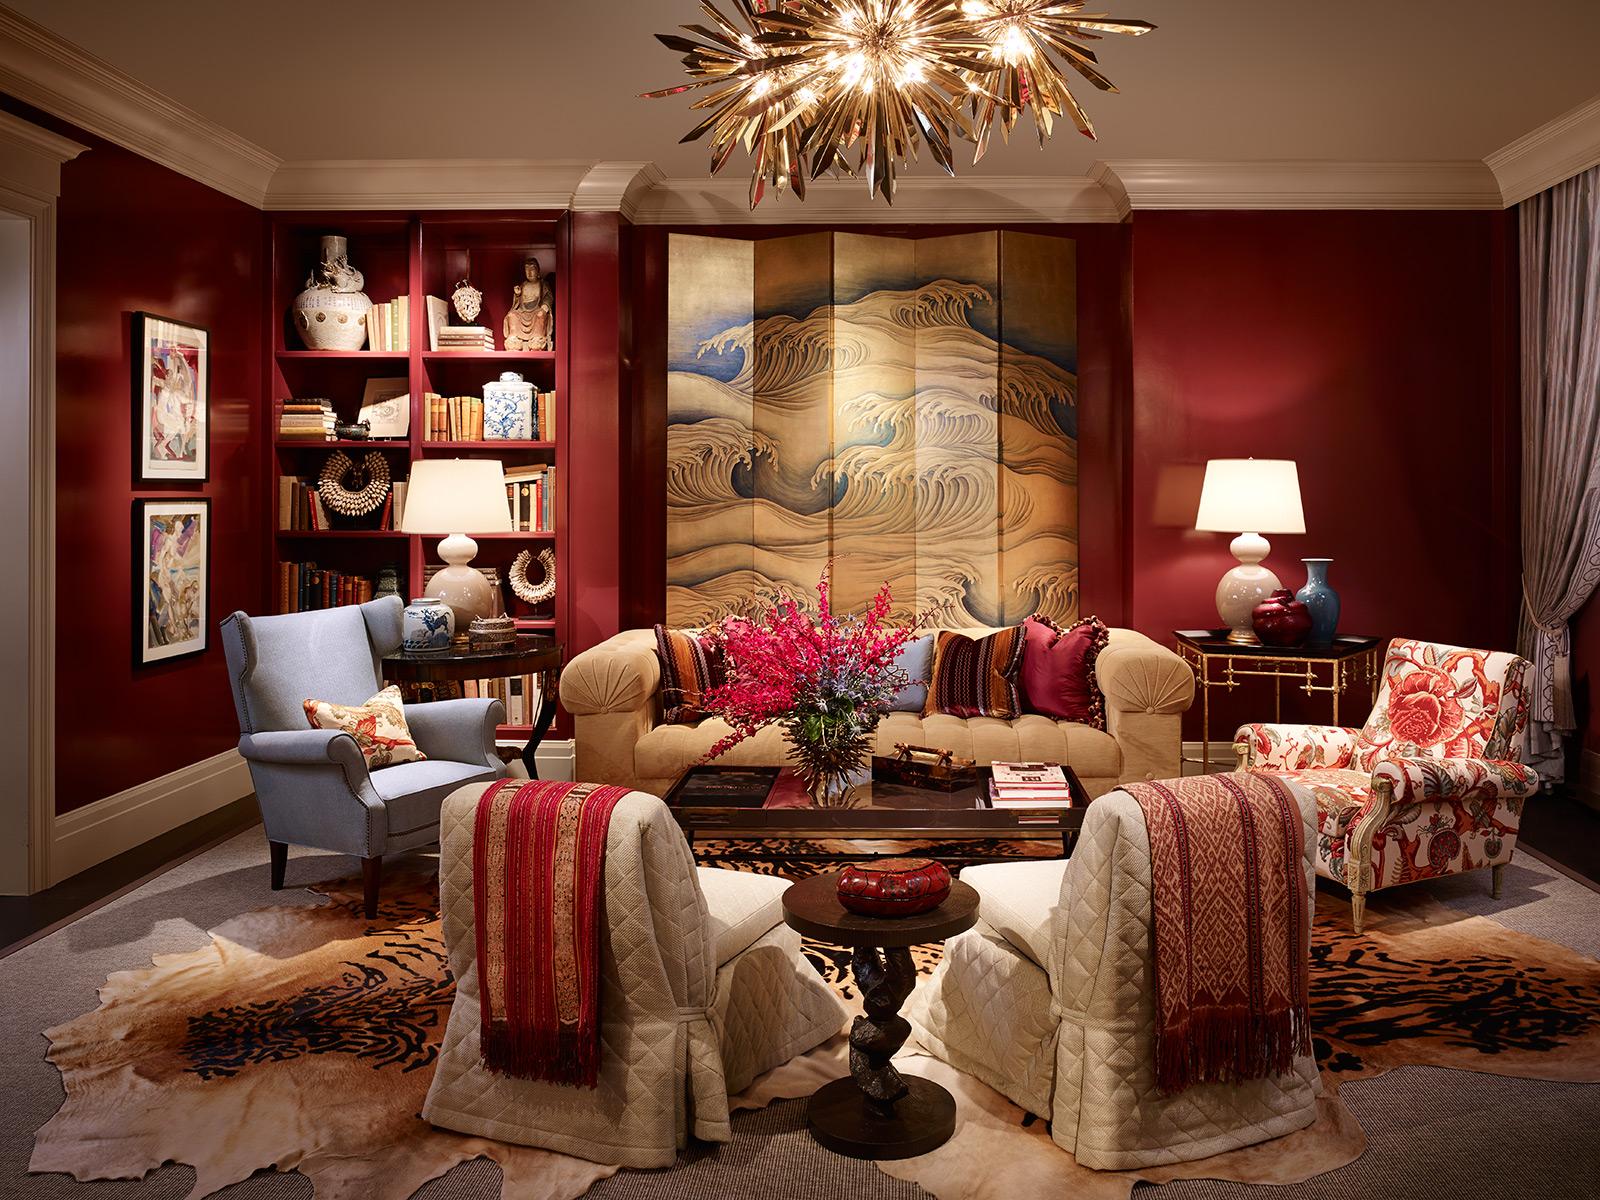 dreamhome.livingroom.jpg